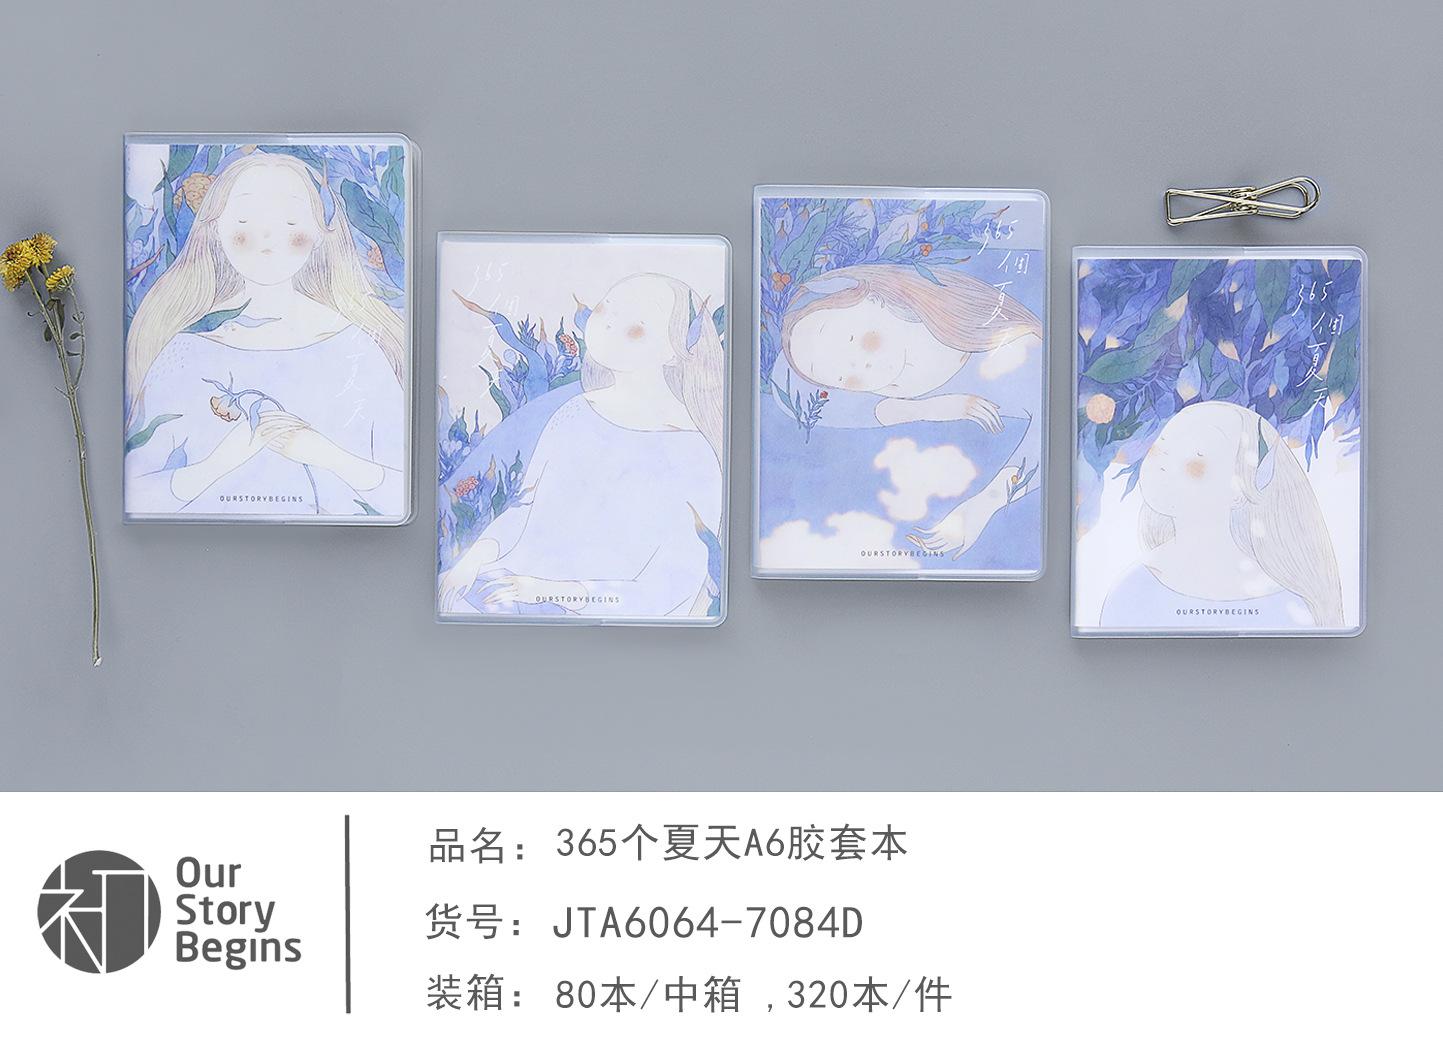 初品 365个夏天A6胶套本创意韩国文具学生办公用品批发